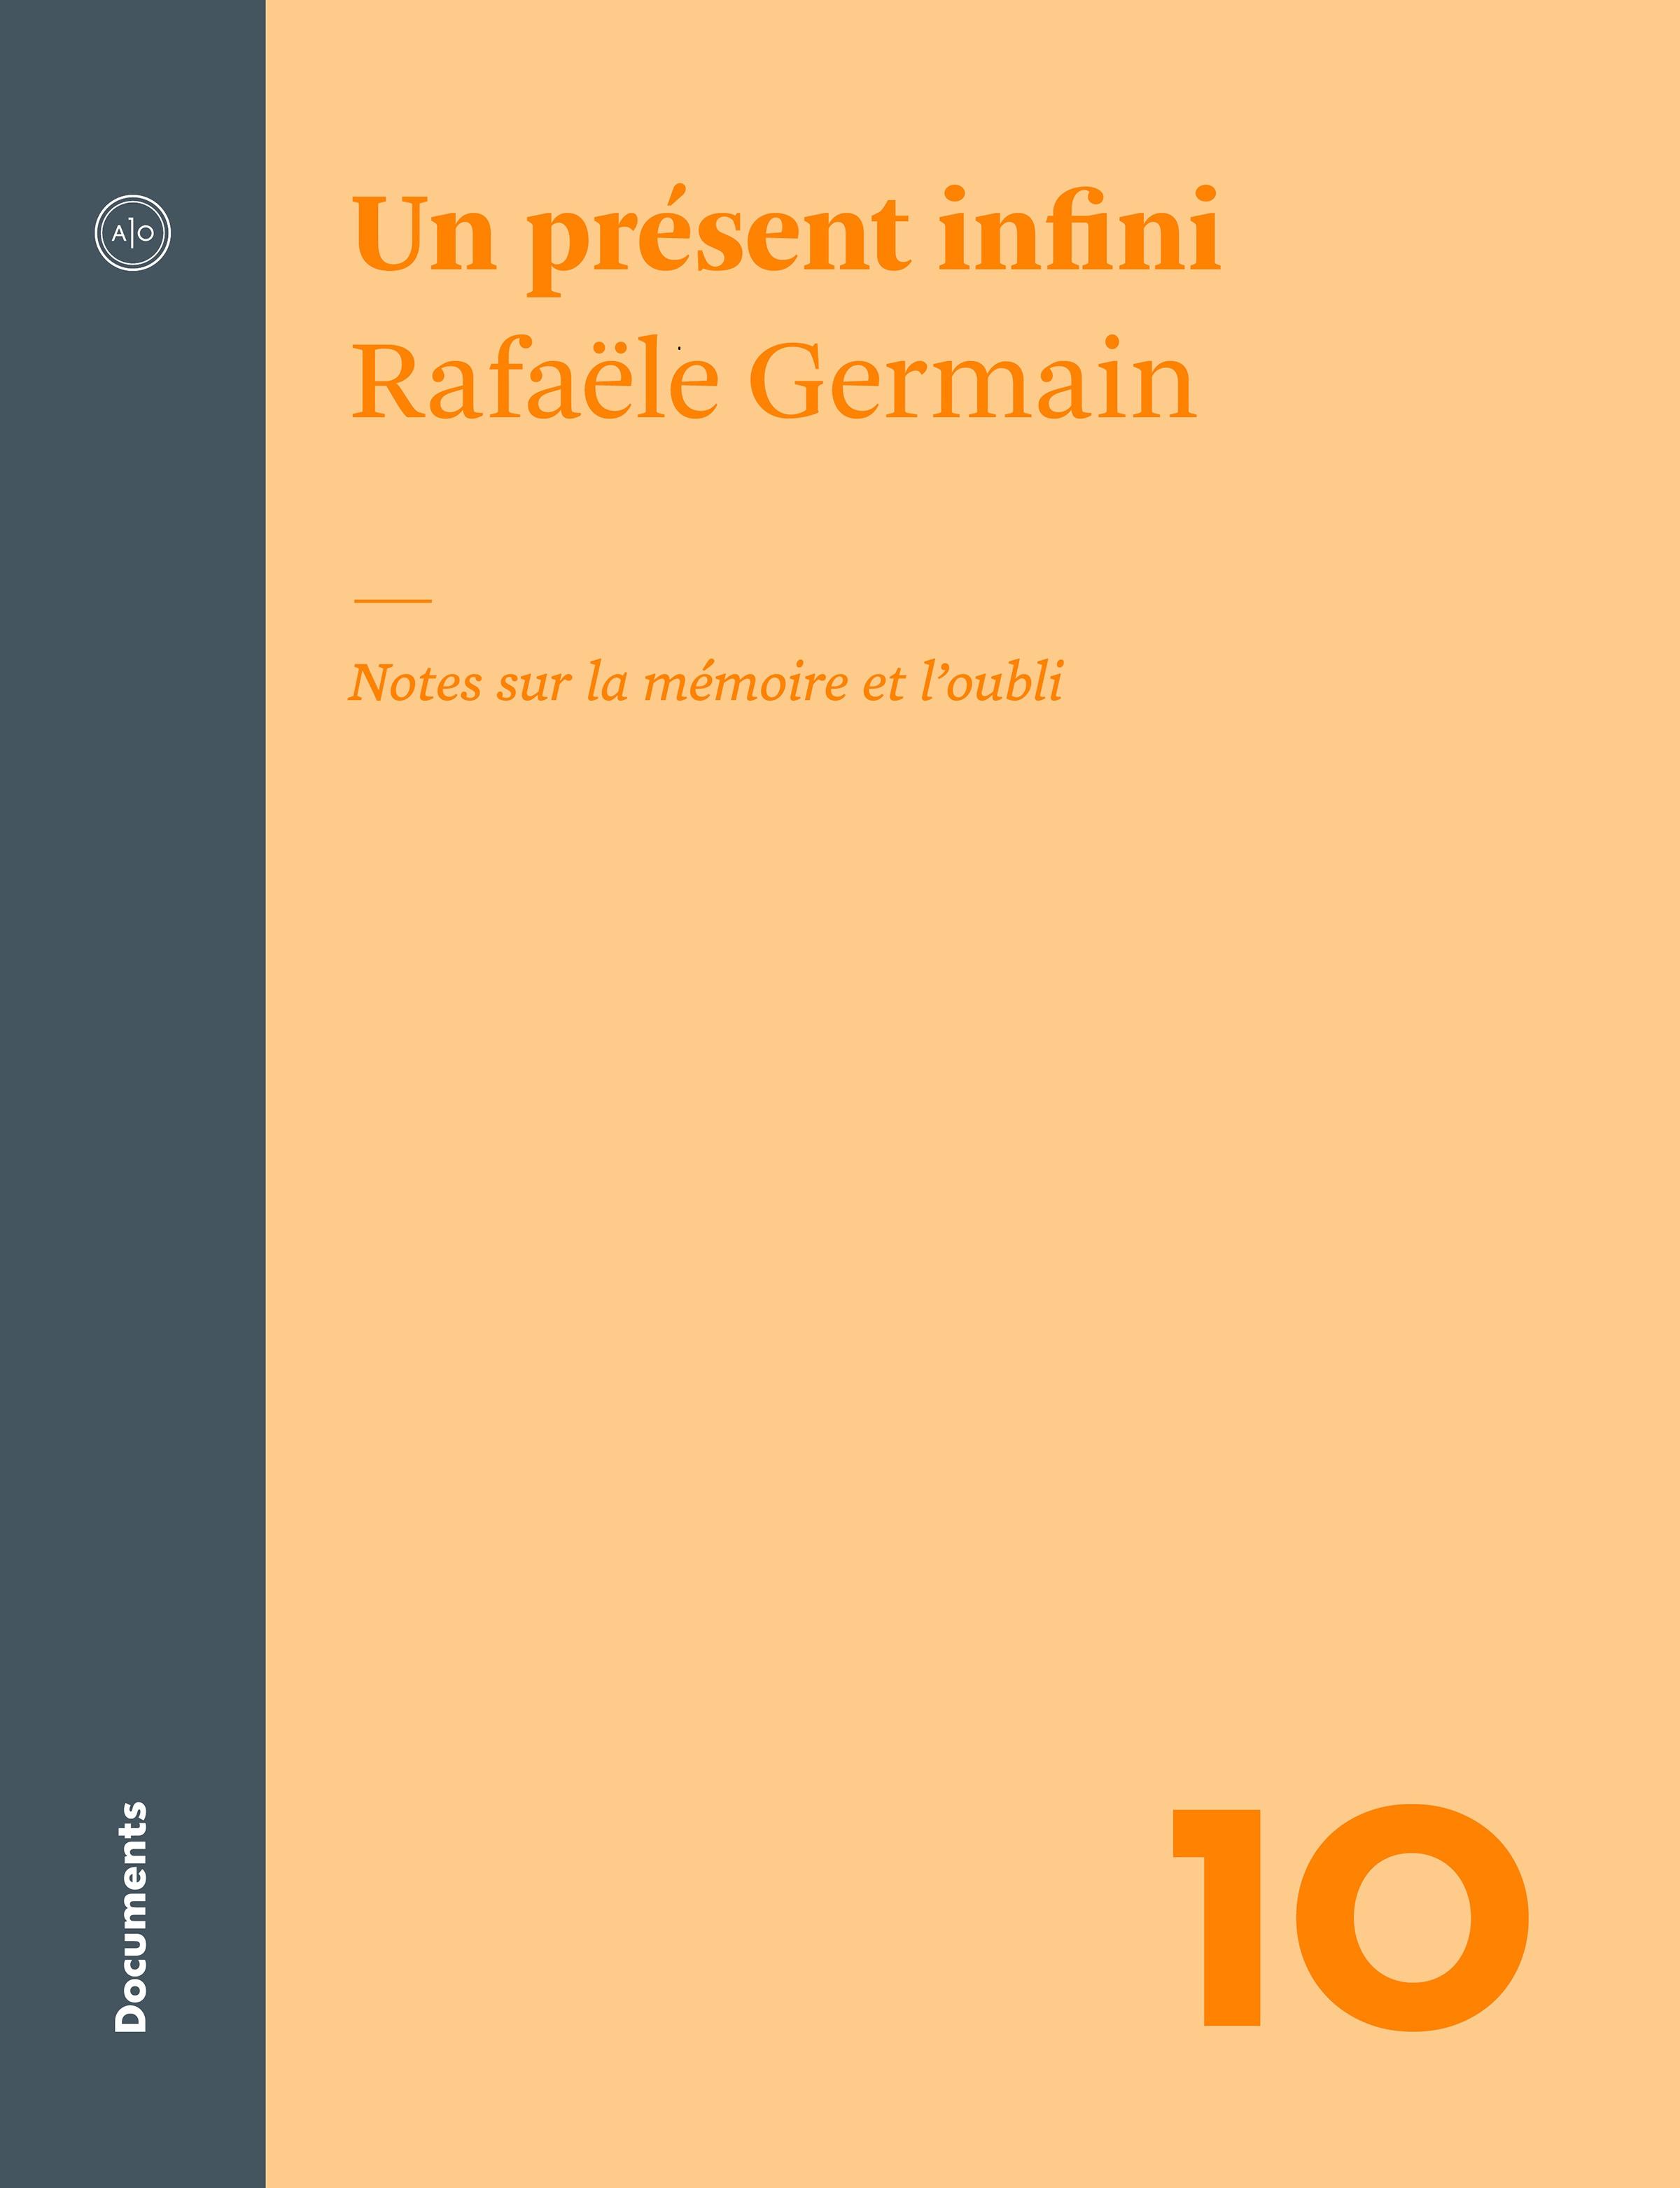 Un présent infini par Rafaële Germain | Essais | Sciences ...